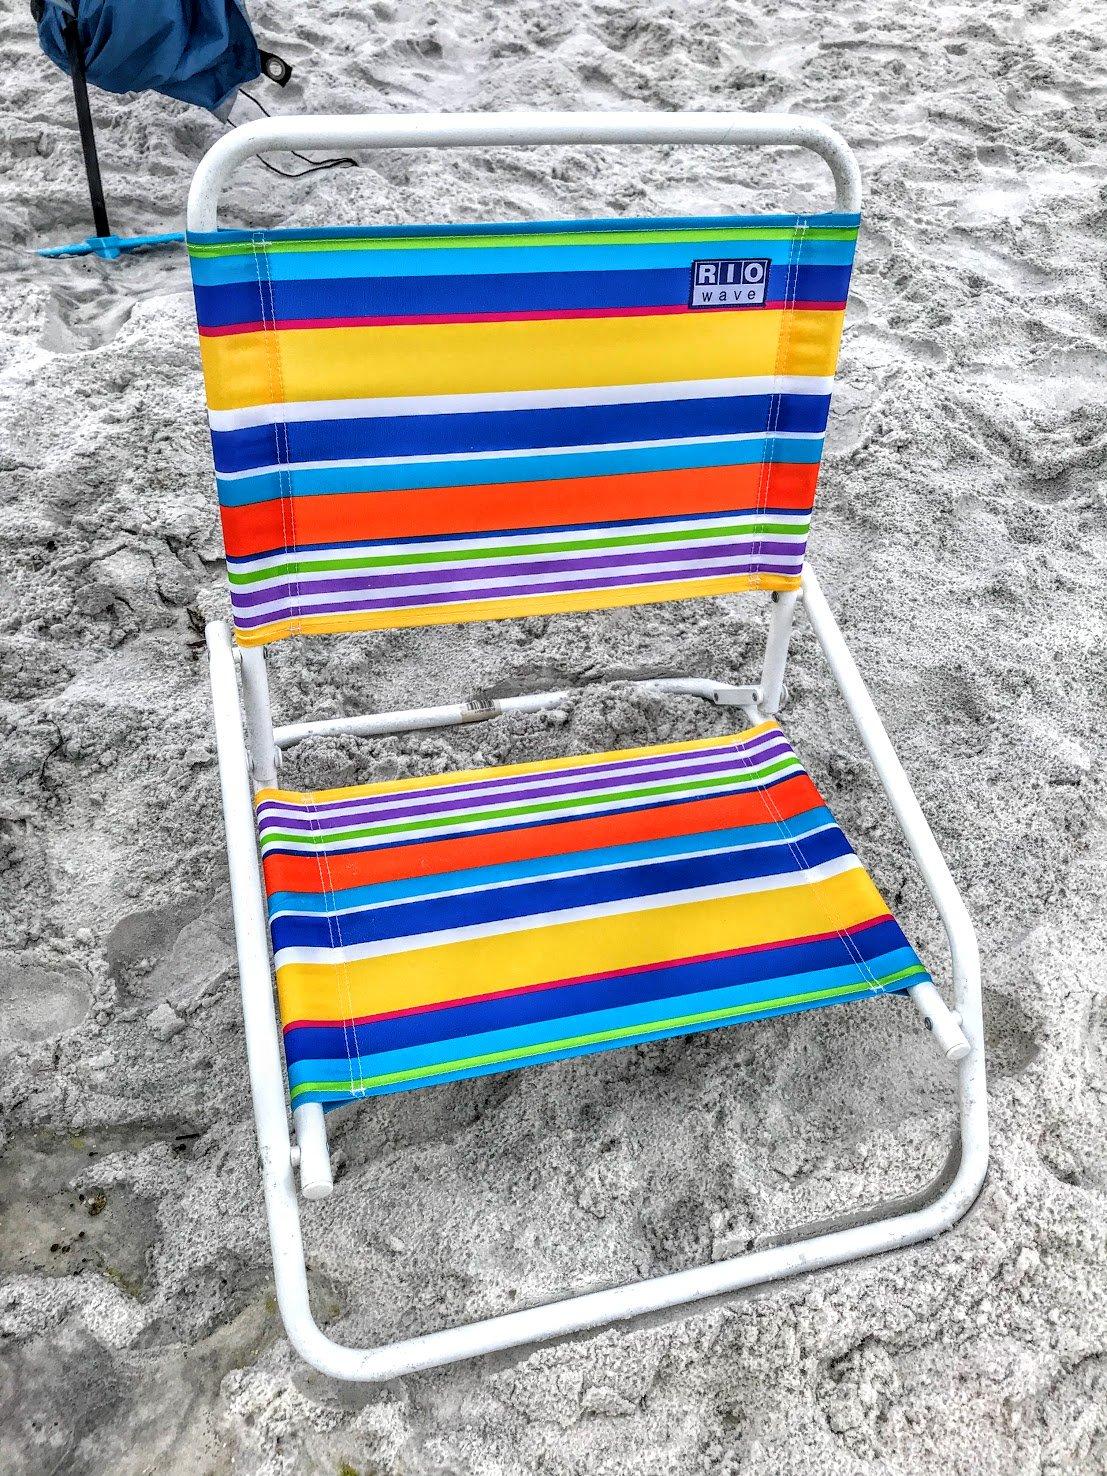 one position Rio beach chair